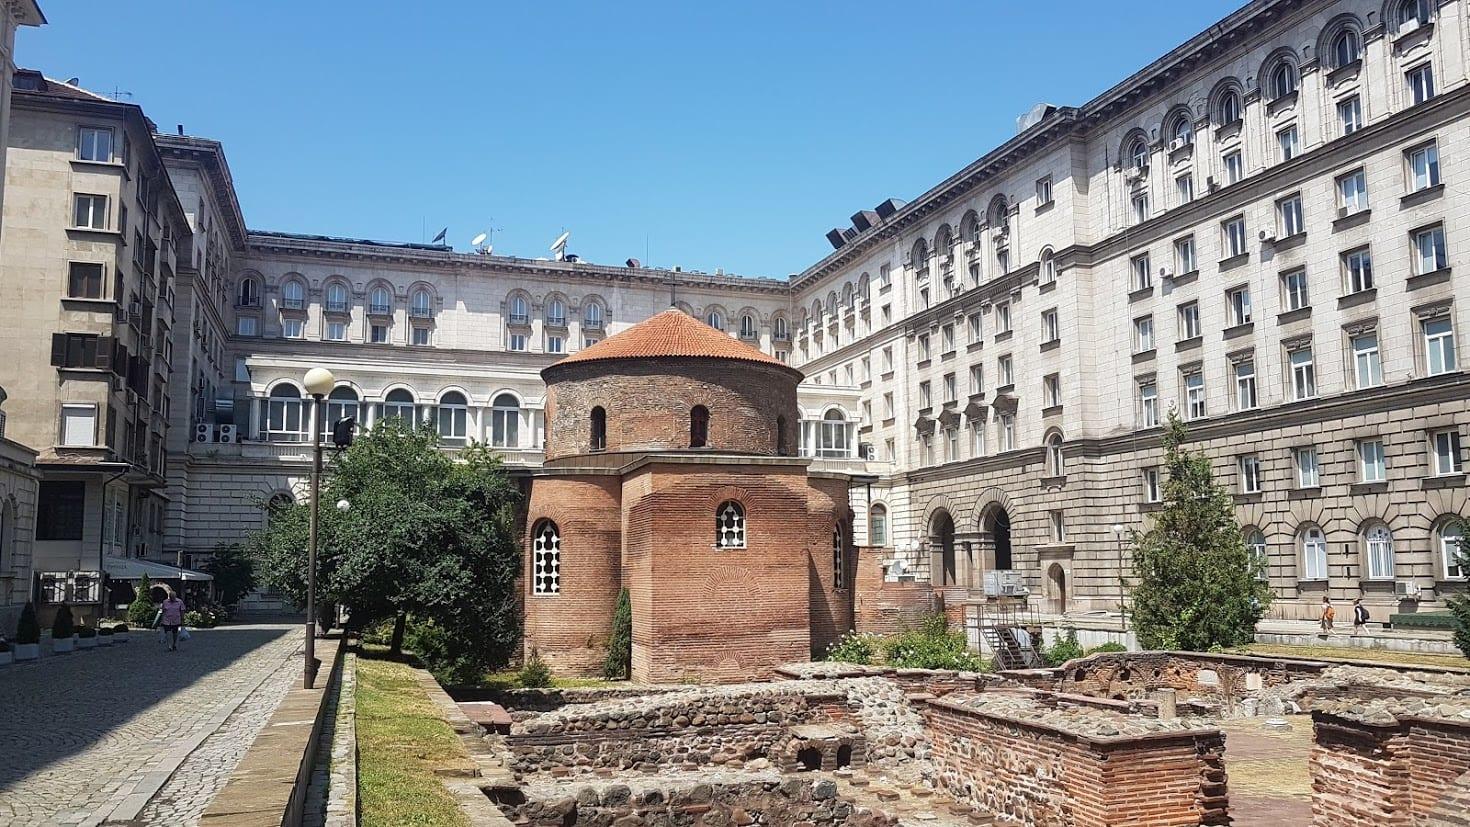 St. George Rotunda in Sofia